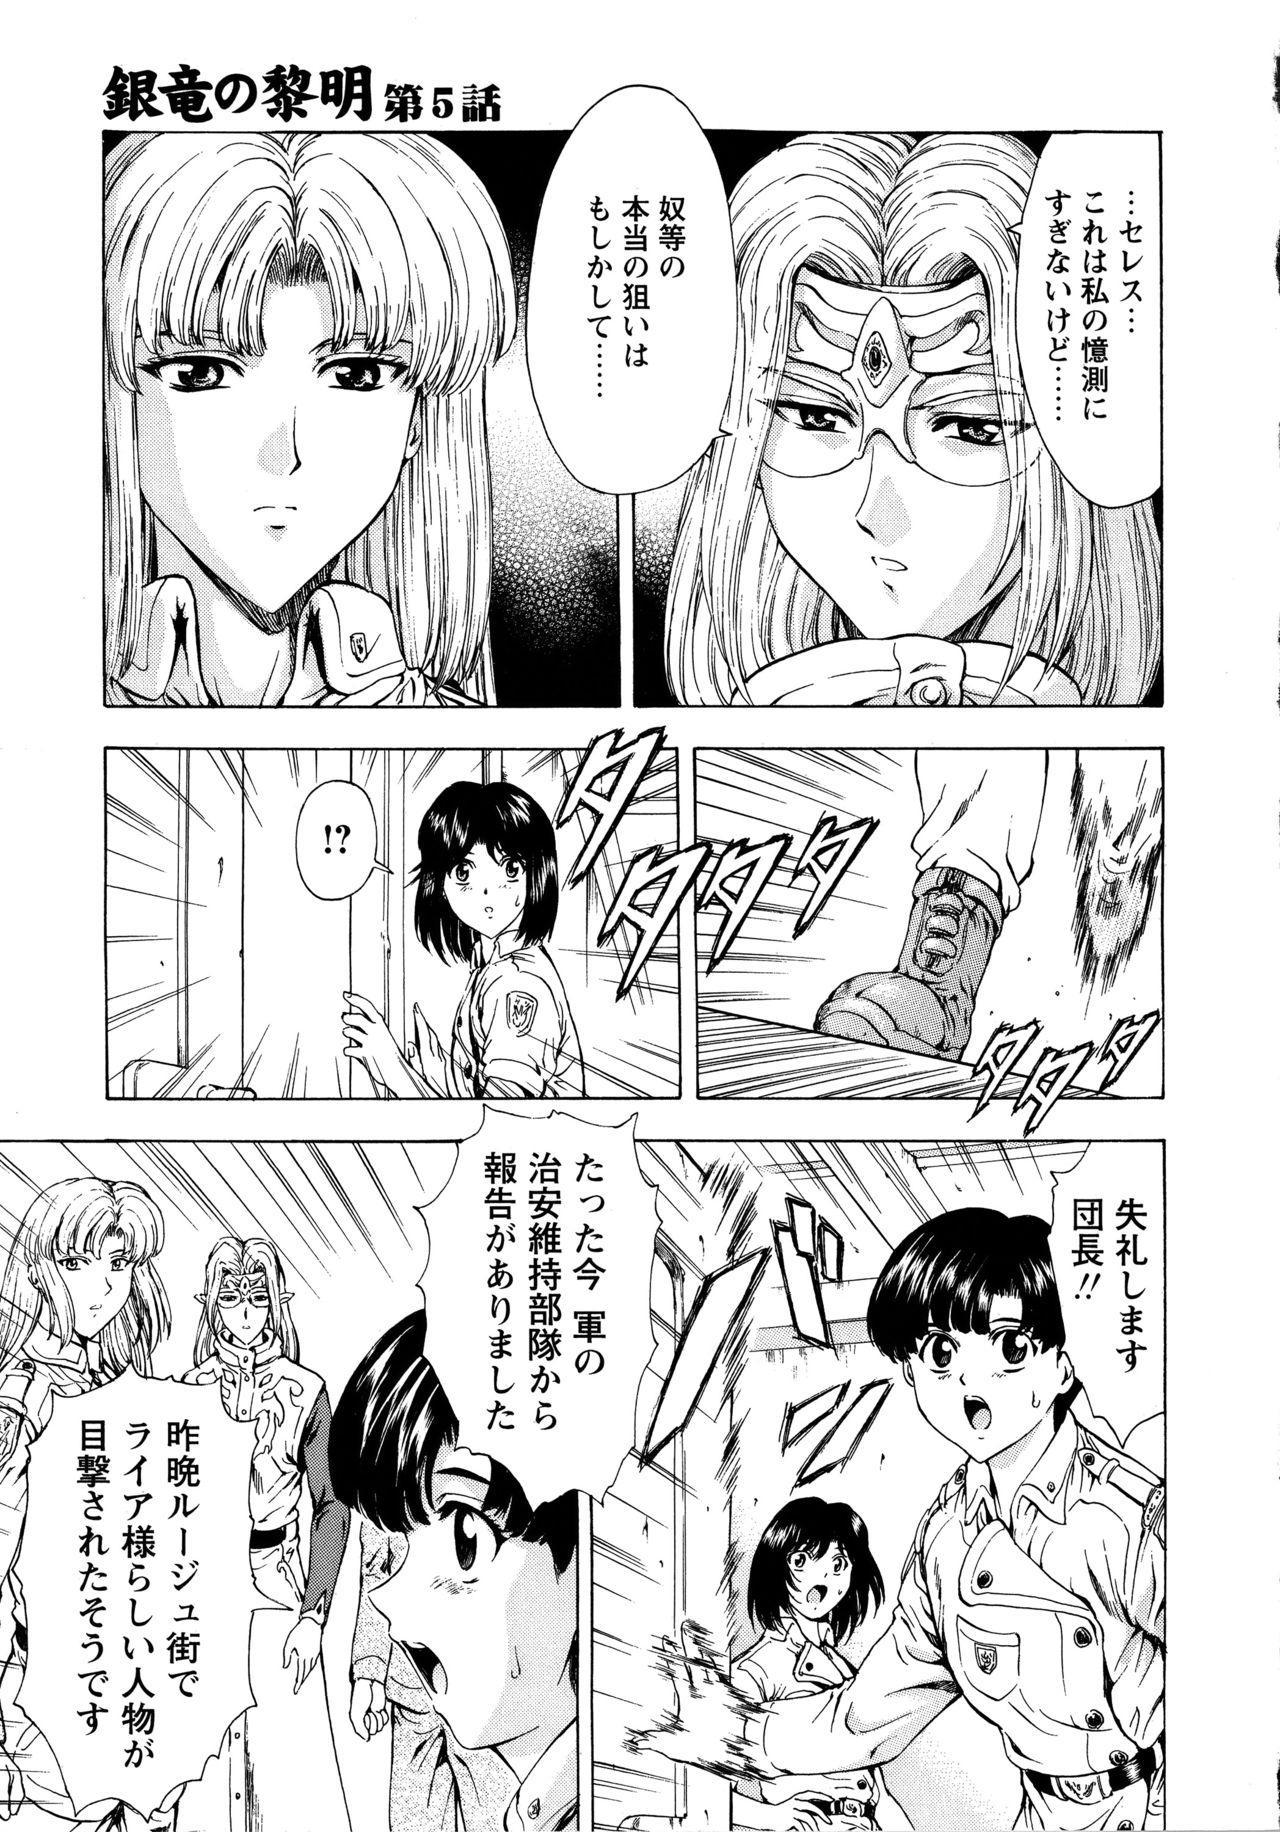 Ginryuu no Reimei Vol. 1 98